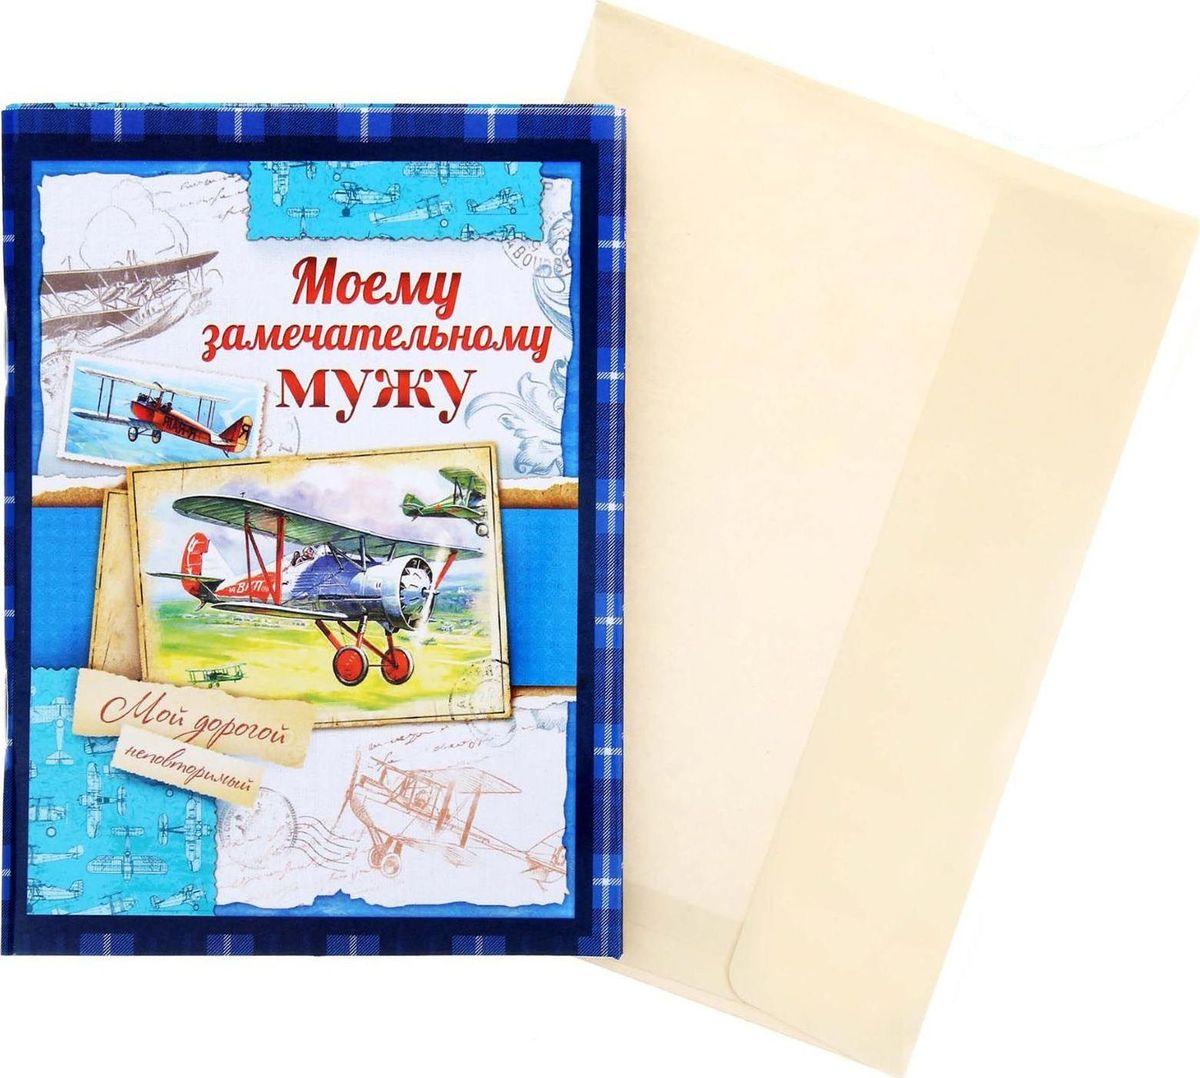 Блокнот-открытка Моему замечательному мужу 32 листа1104981Блокнот-открытка Моему замечательному мужу, 32 листа сочетает в себе красоту и практичность. Он содержит приятные пожелания от близких людей, а 32 дизайнерских листа с бархатной фактурой подарят отличное настроение владельцу. В отличие от обычной открытки, которая будет пылиться в шкафу, блокнотом приятно пользоваться! Изделие дополнено универсальным конвертом, подпишите его и вручите сувенир адресату на любой праздник.